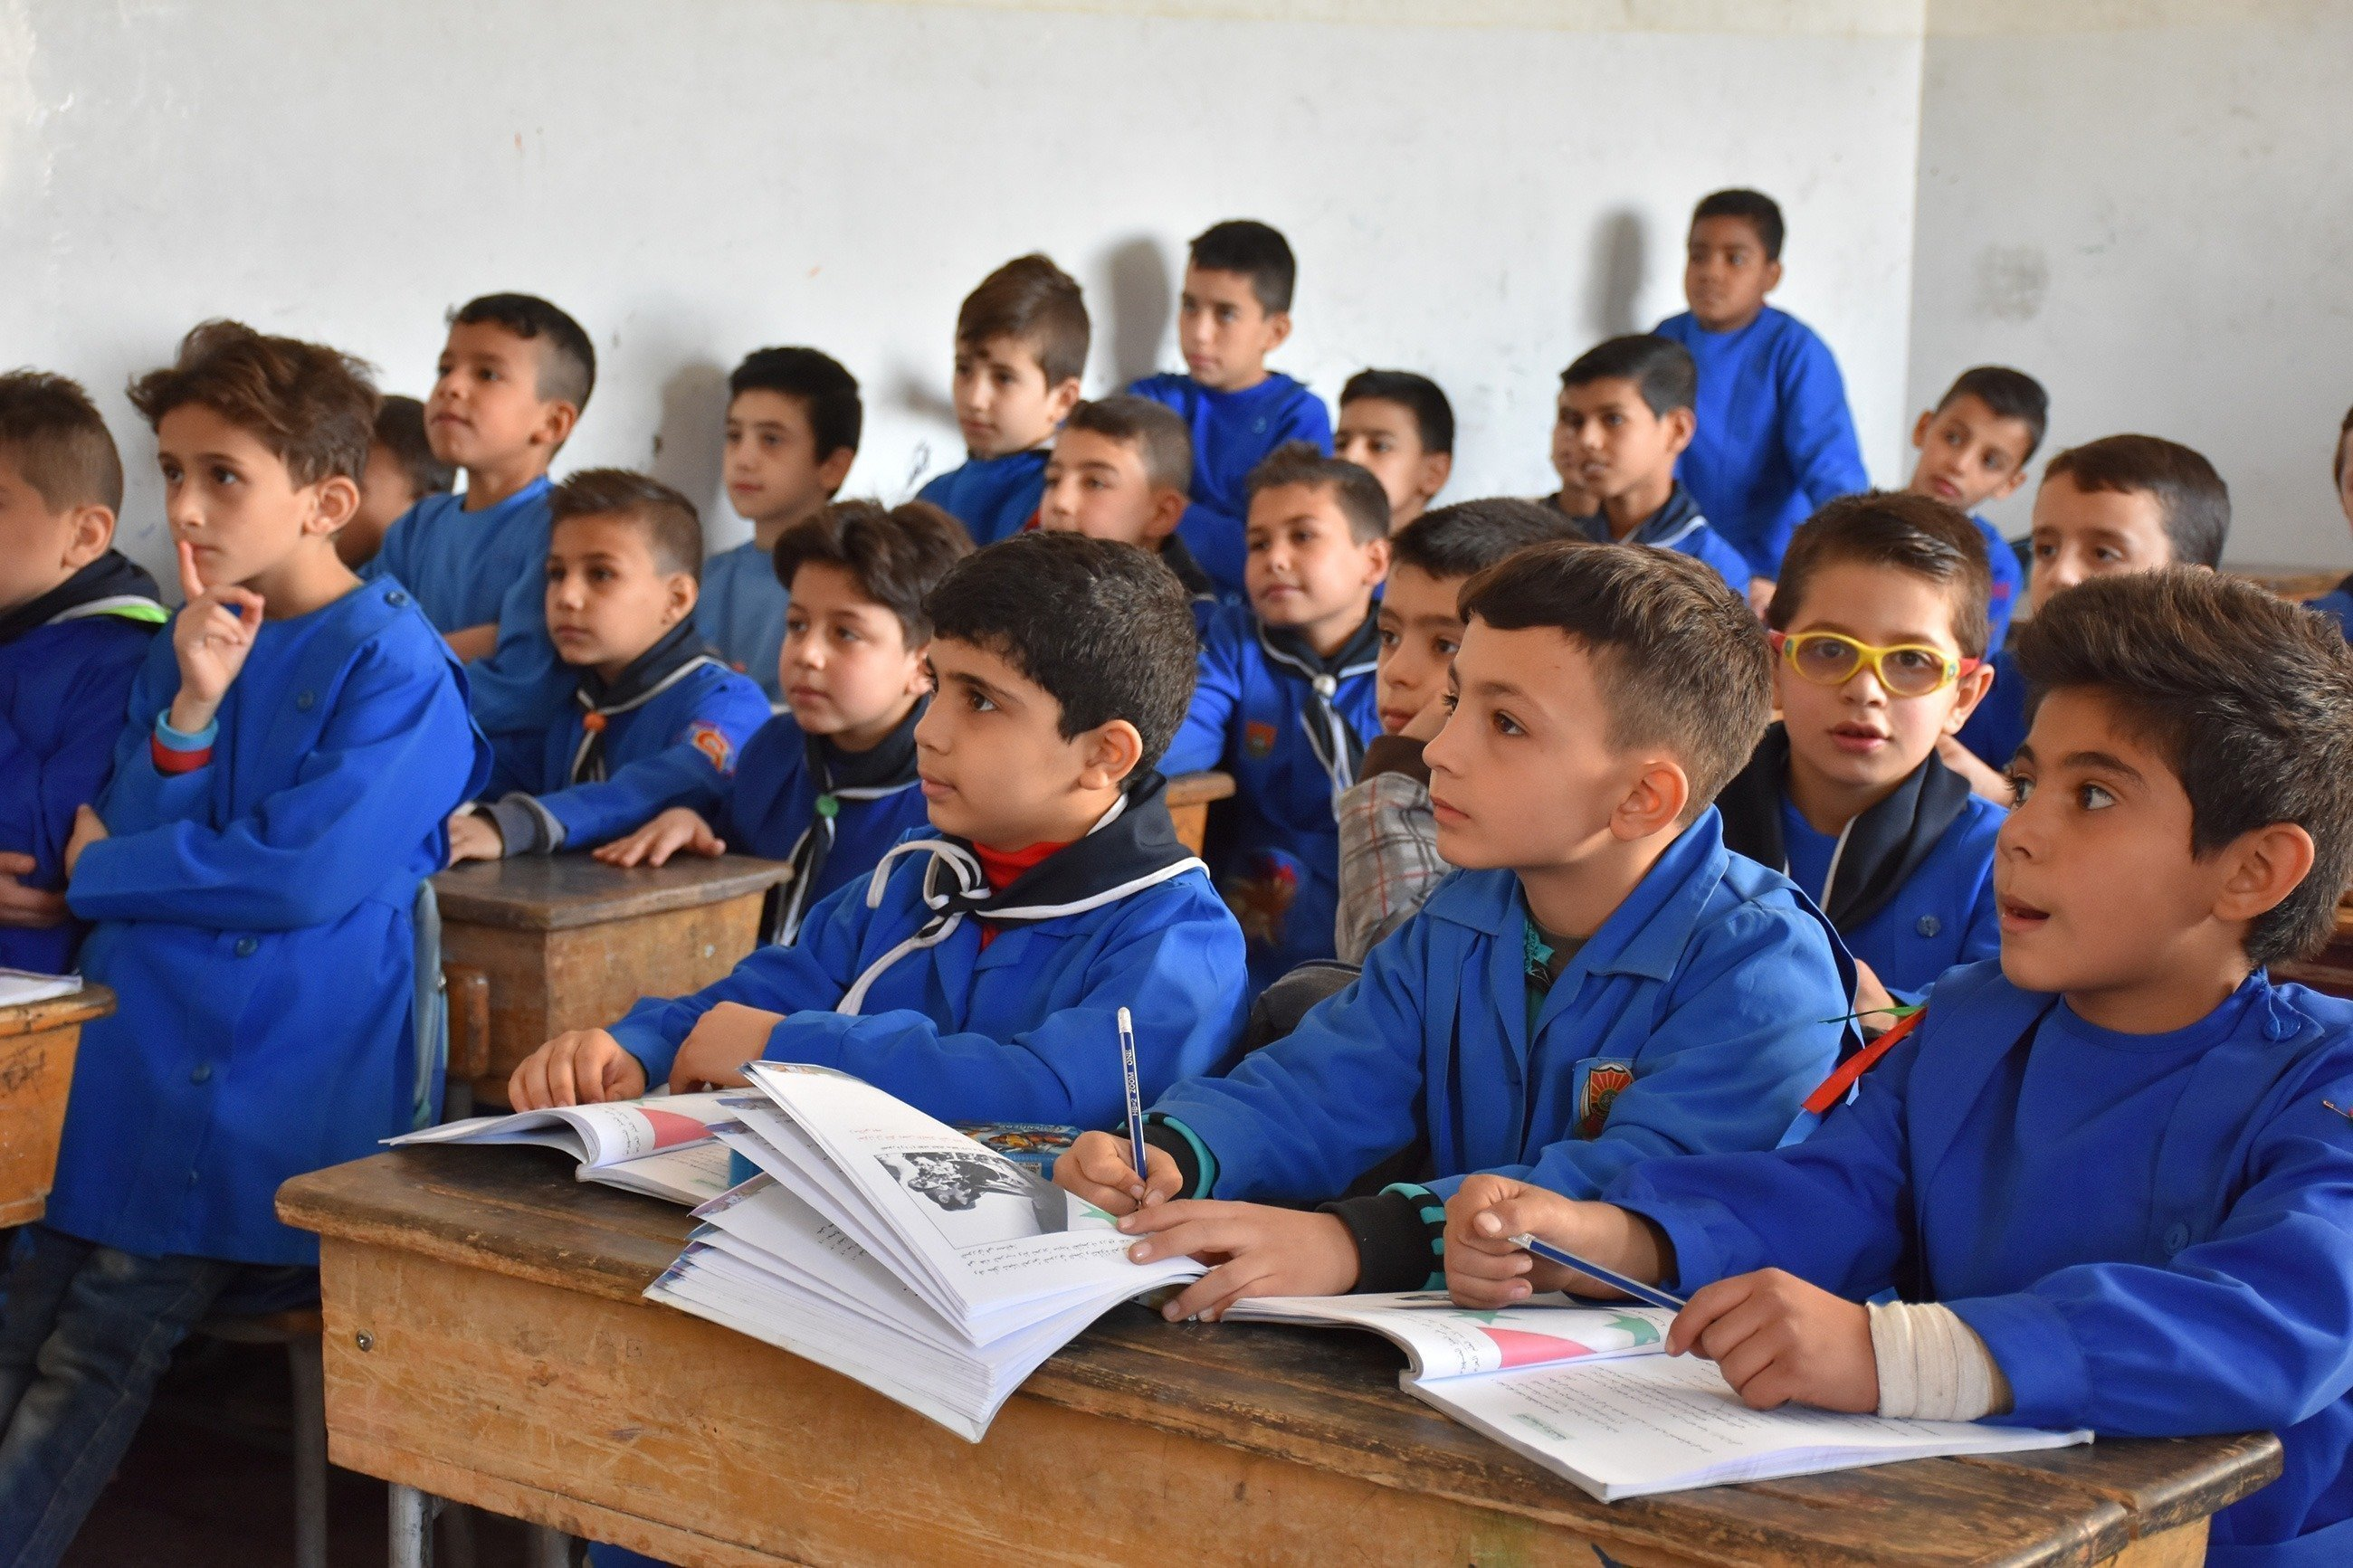 Eine Gruppe Jungen hören in der Schule aufmerksam zu.